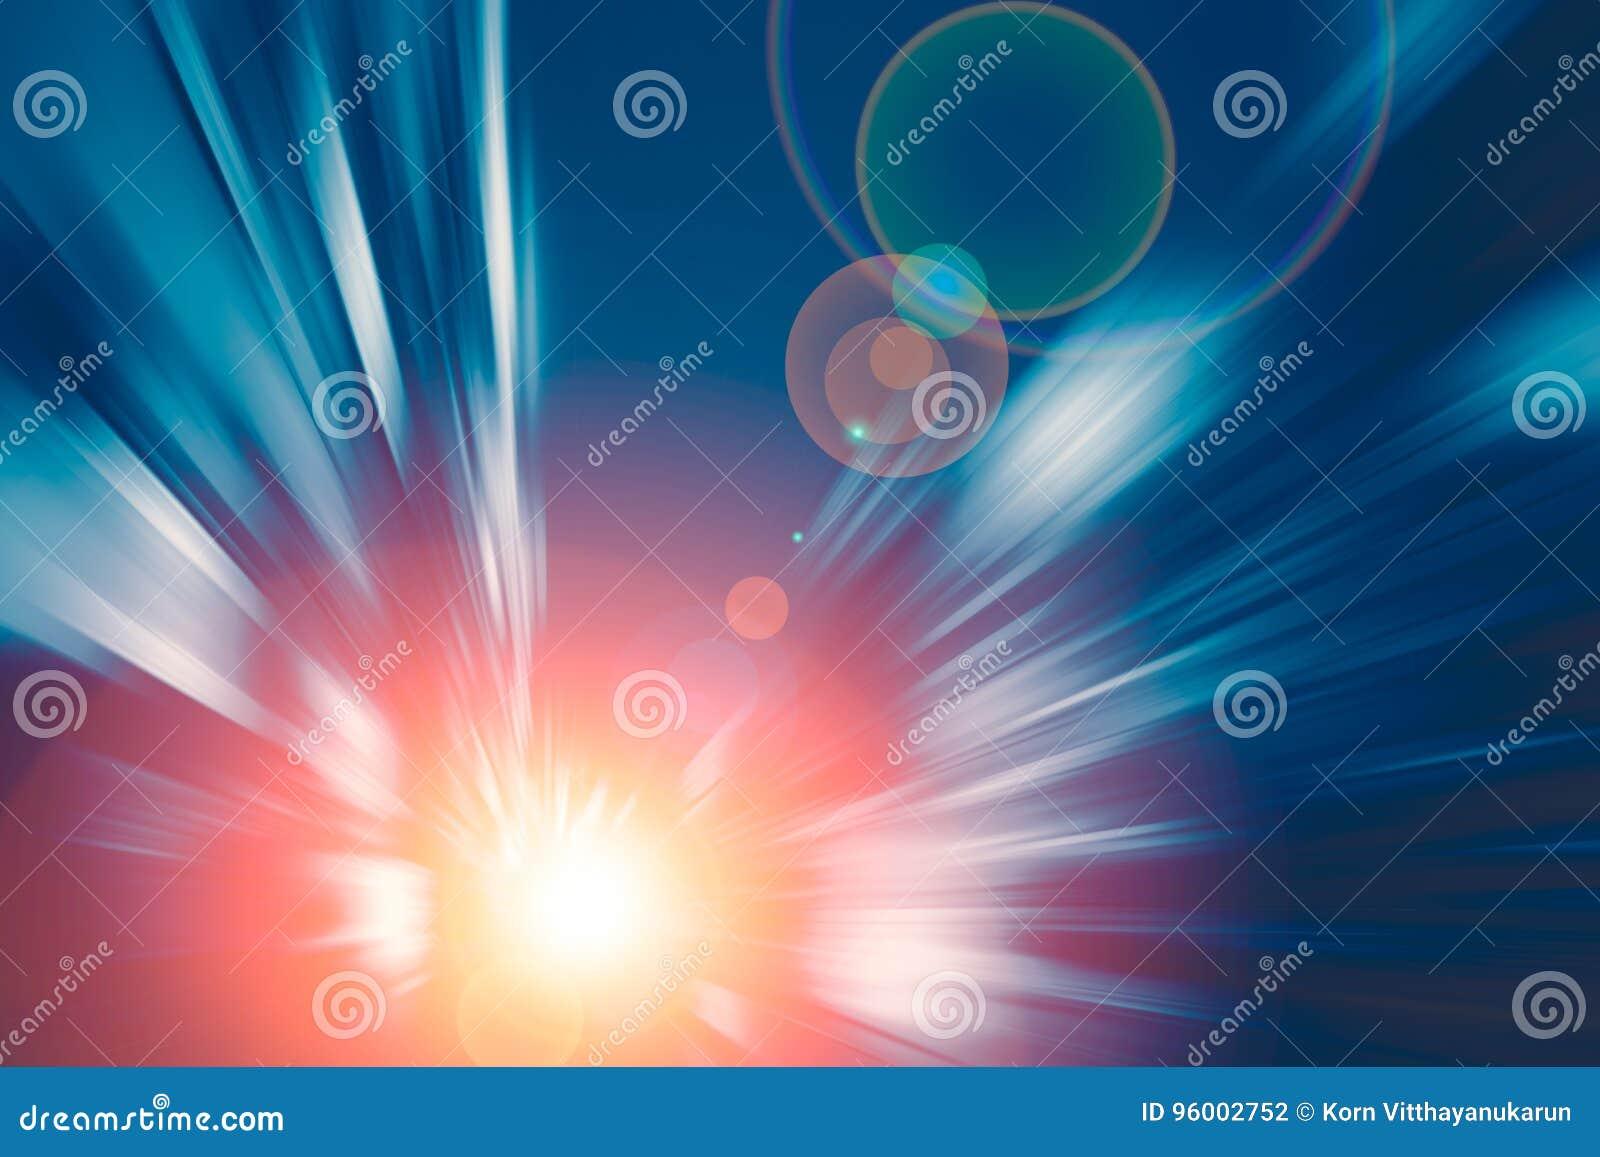 迷离行动移动的最快速度蓝色技术口气定位未来概念